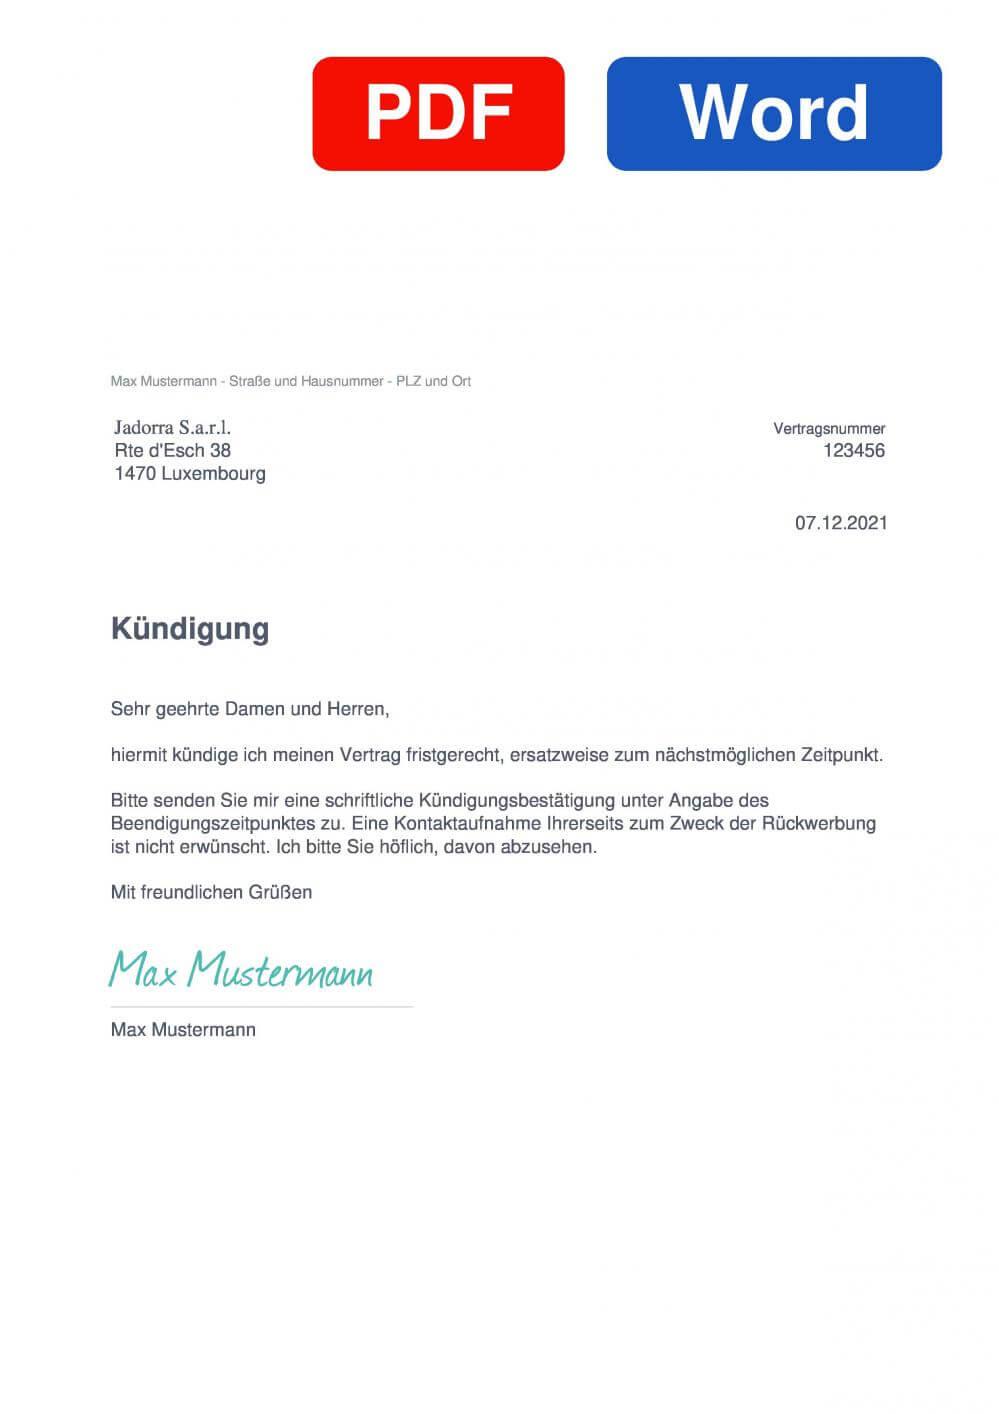 Jadorra Muster Vorlage für Kündigungsschreiben